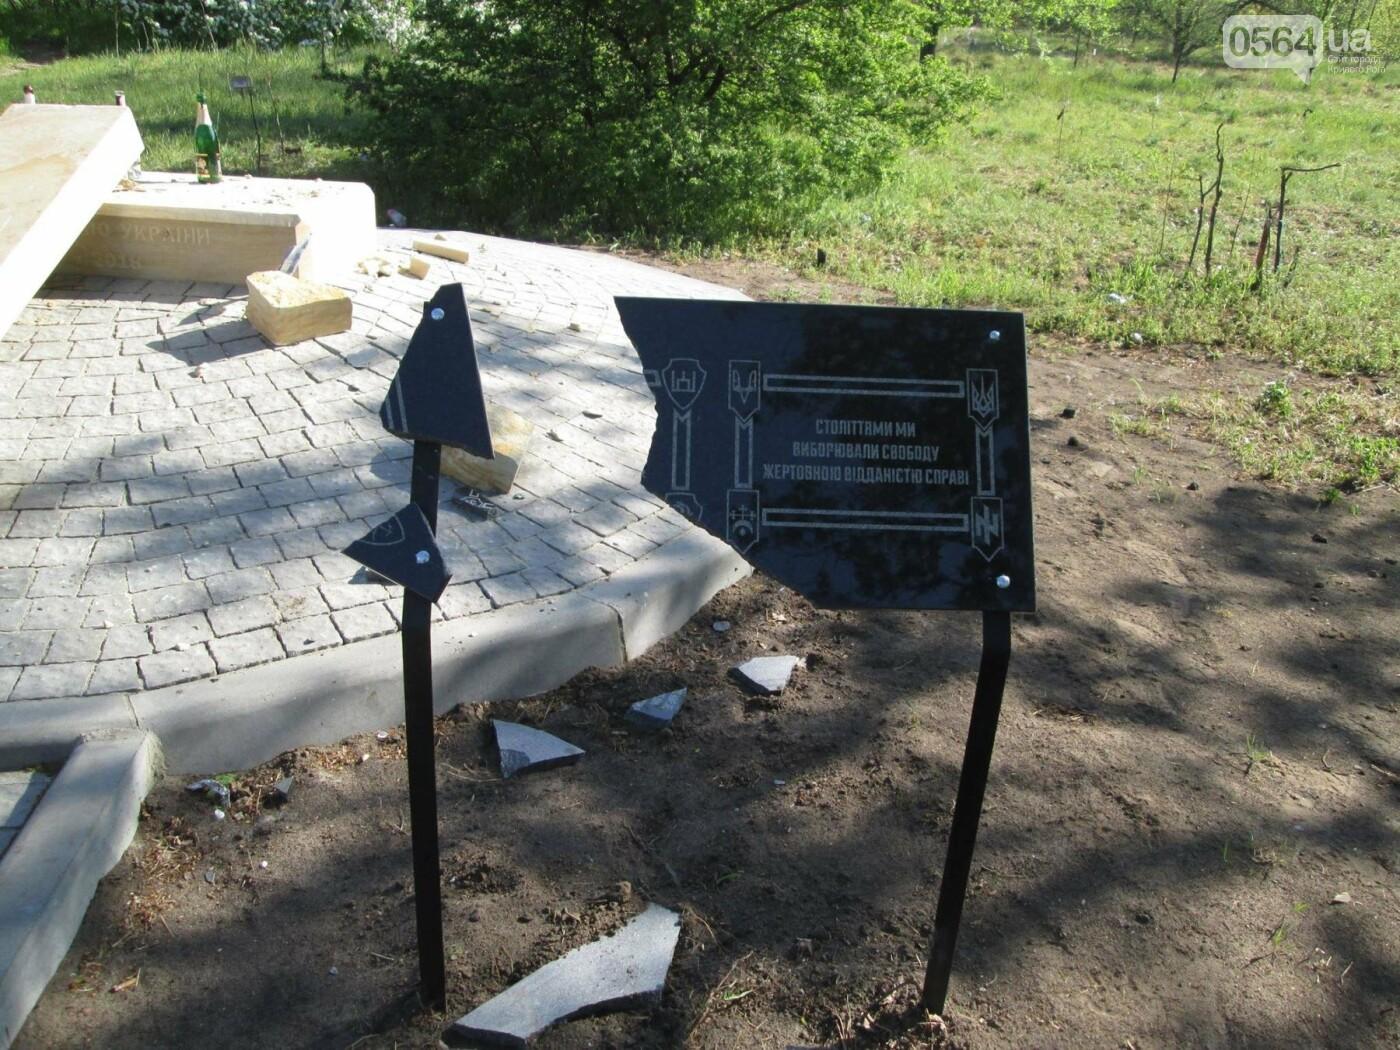 Вандалы разрушили Крест на Хортице, где криворожане высадили дубраву в память о погибших Героях (ФОТО), фото-1